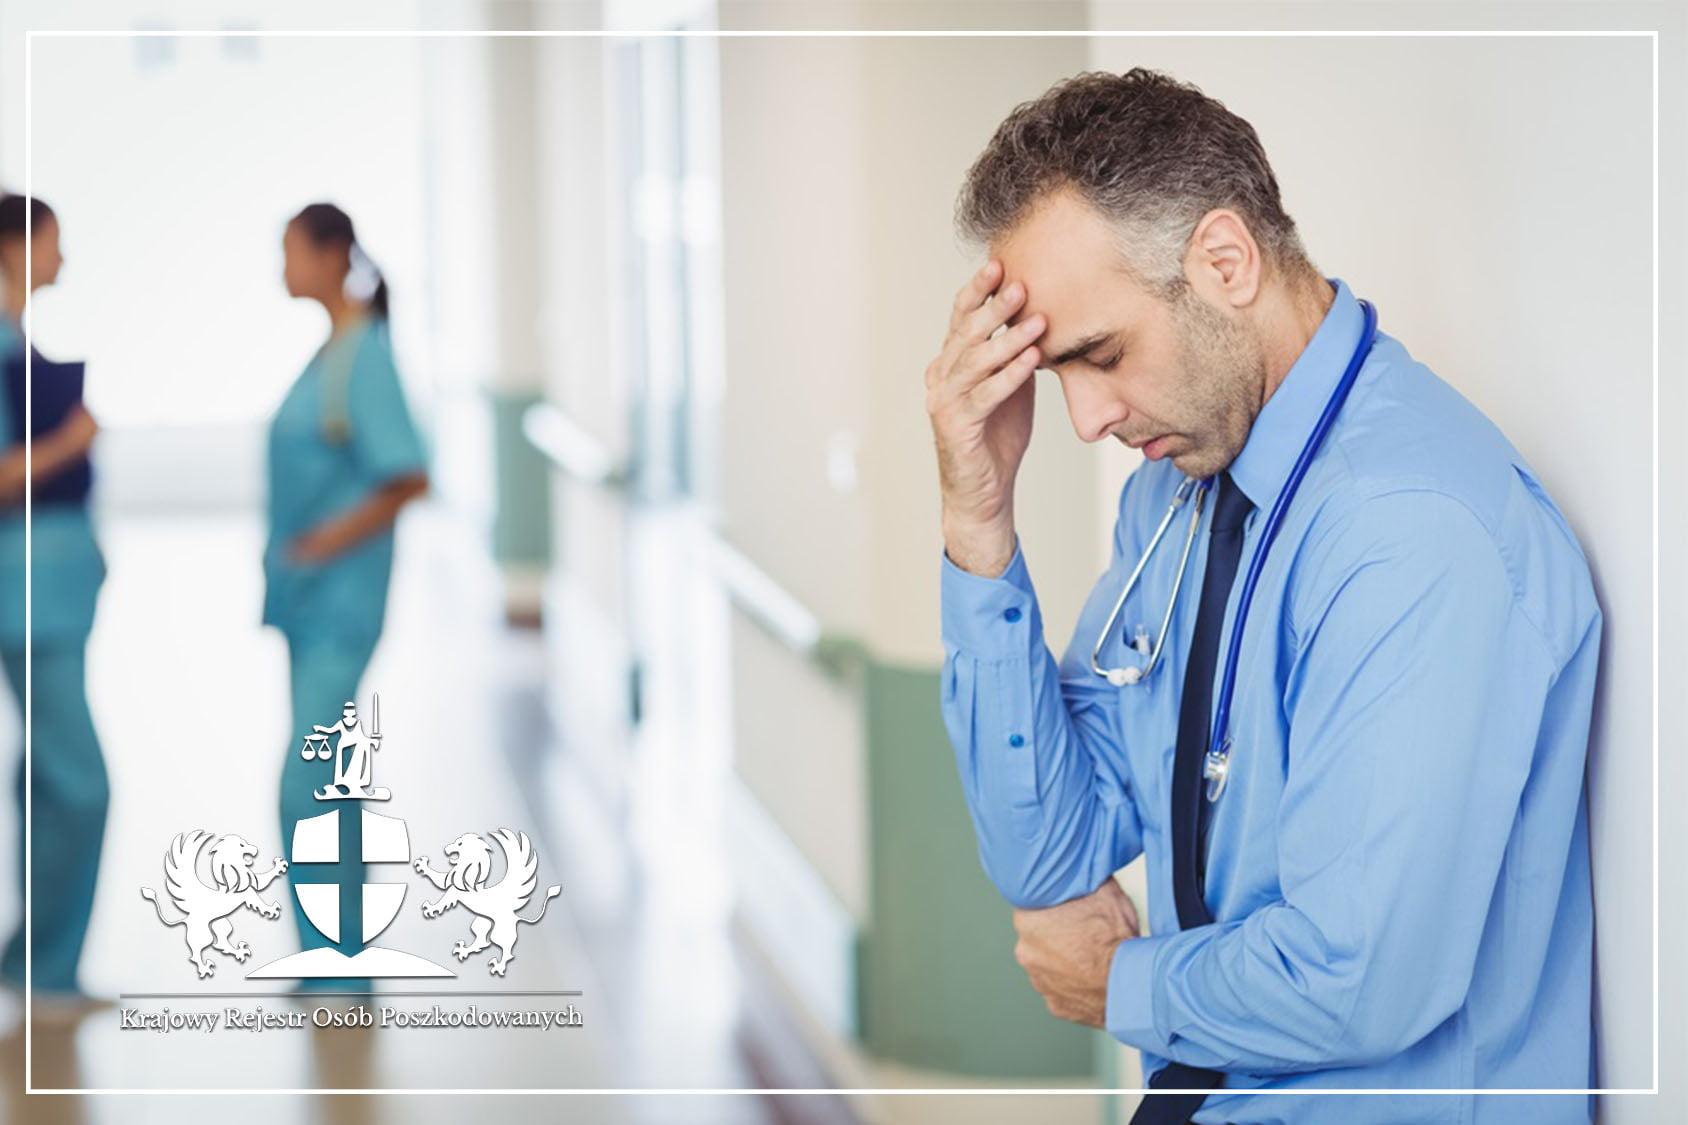 Odpowiedzialność lekarza za szkody na zdrowiu pacjenta – czy wystarczy uprawdopodobnienie